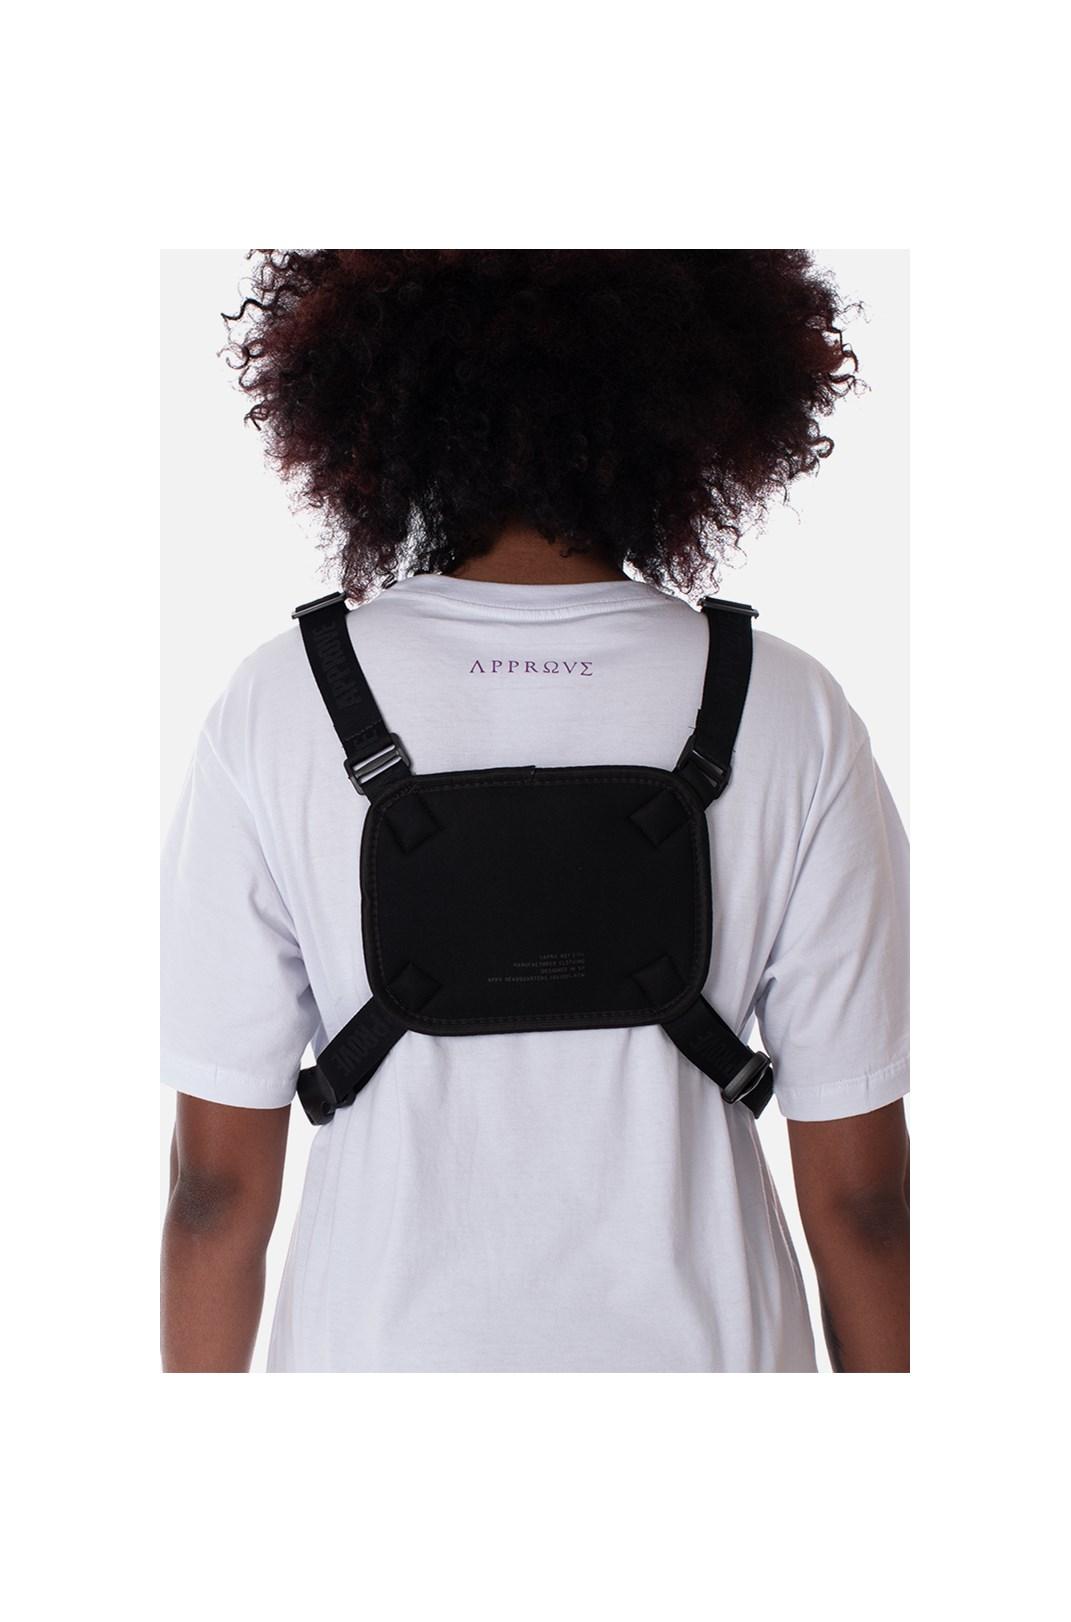 Chest Bag Approve X Gui Araujo